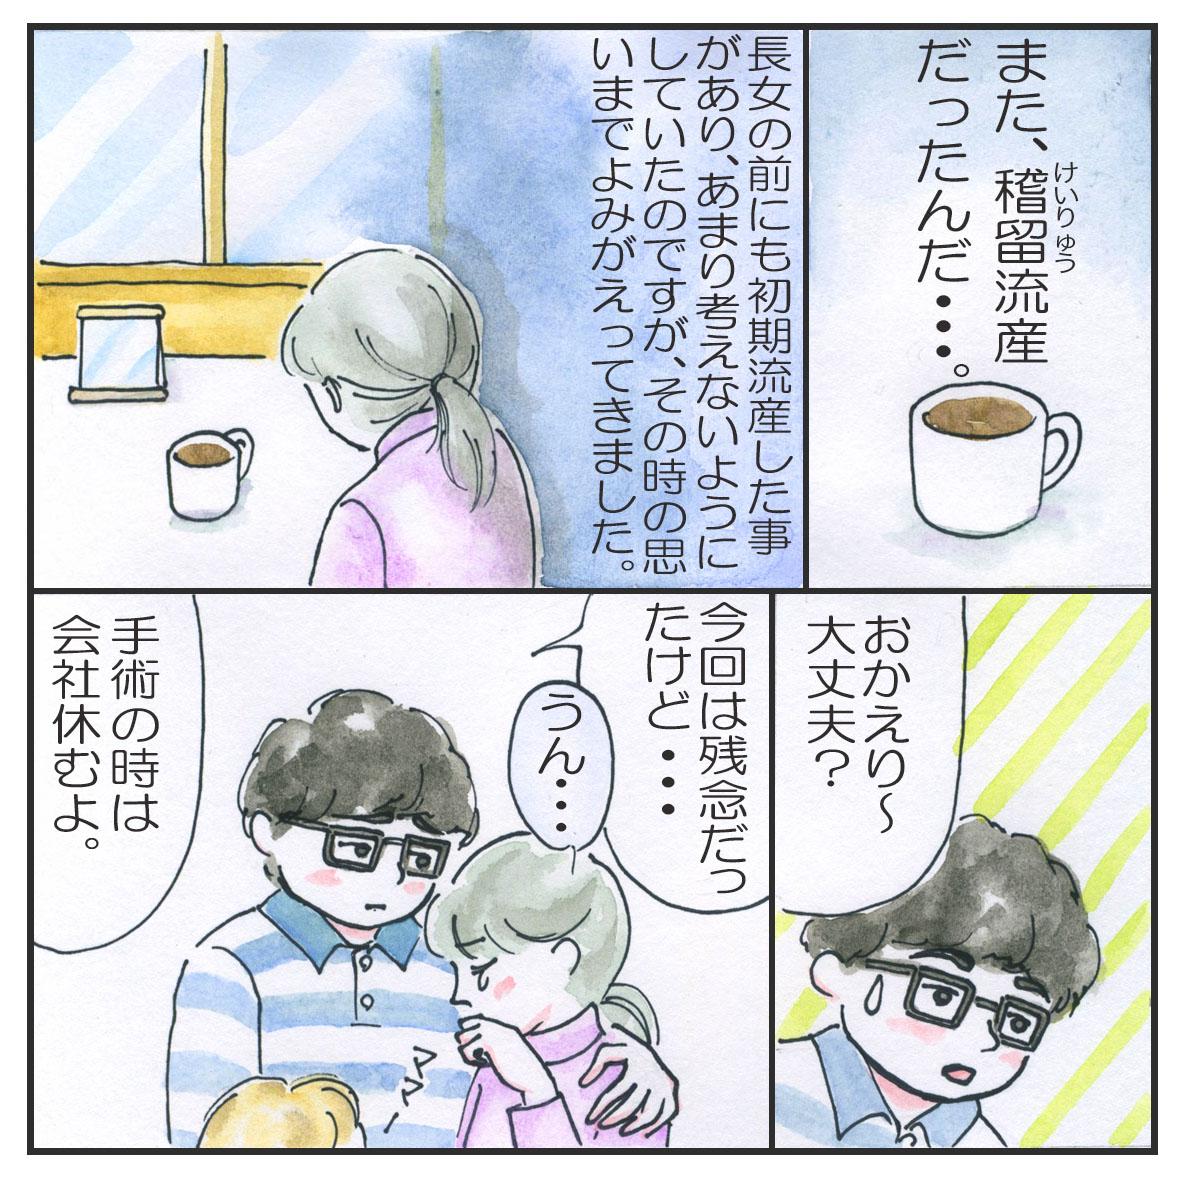 稽留流産と診断された話4